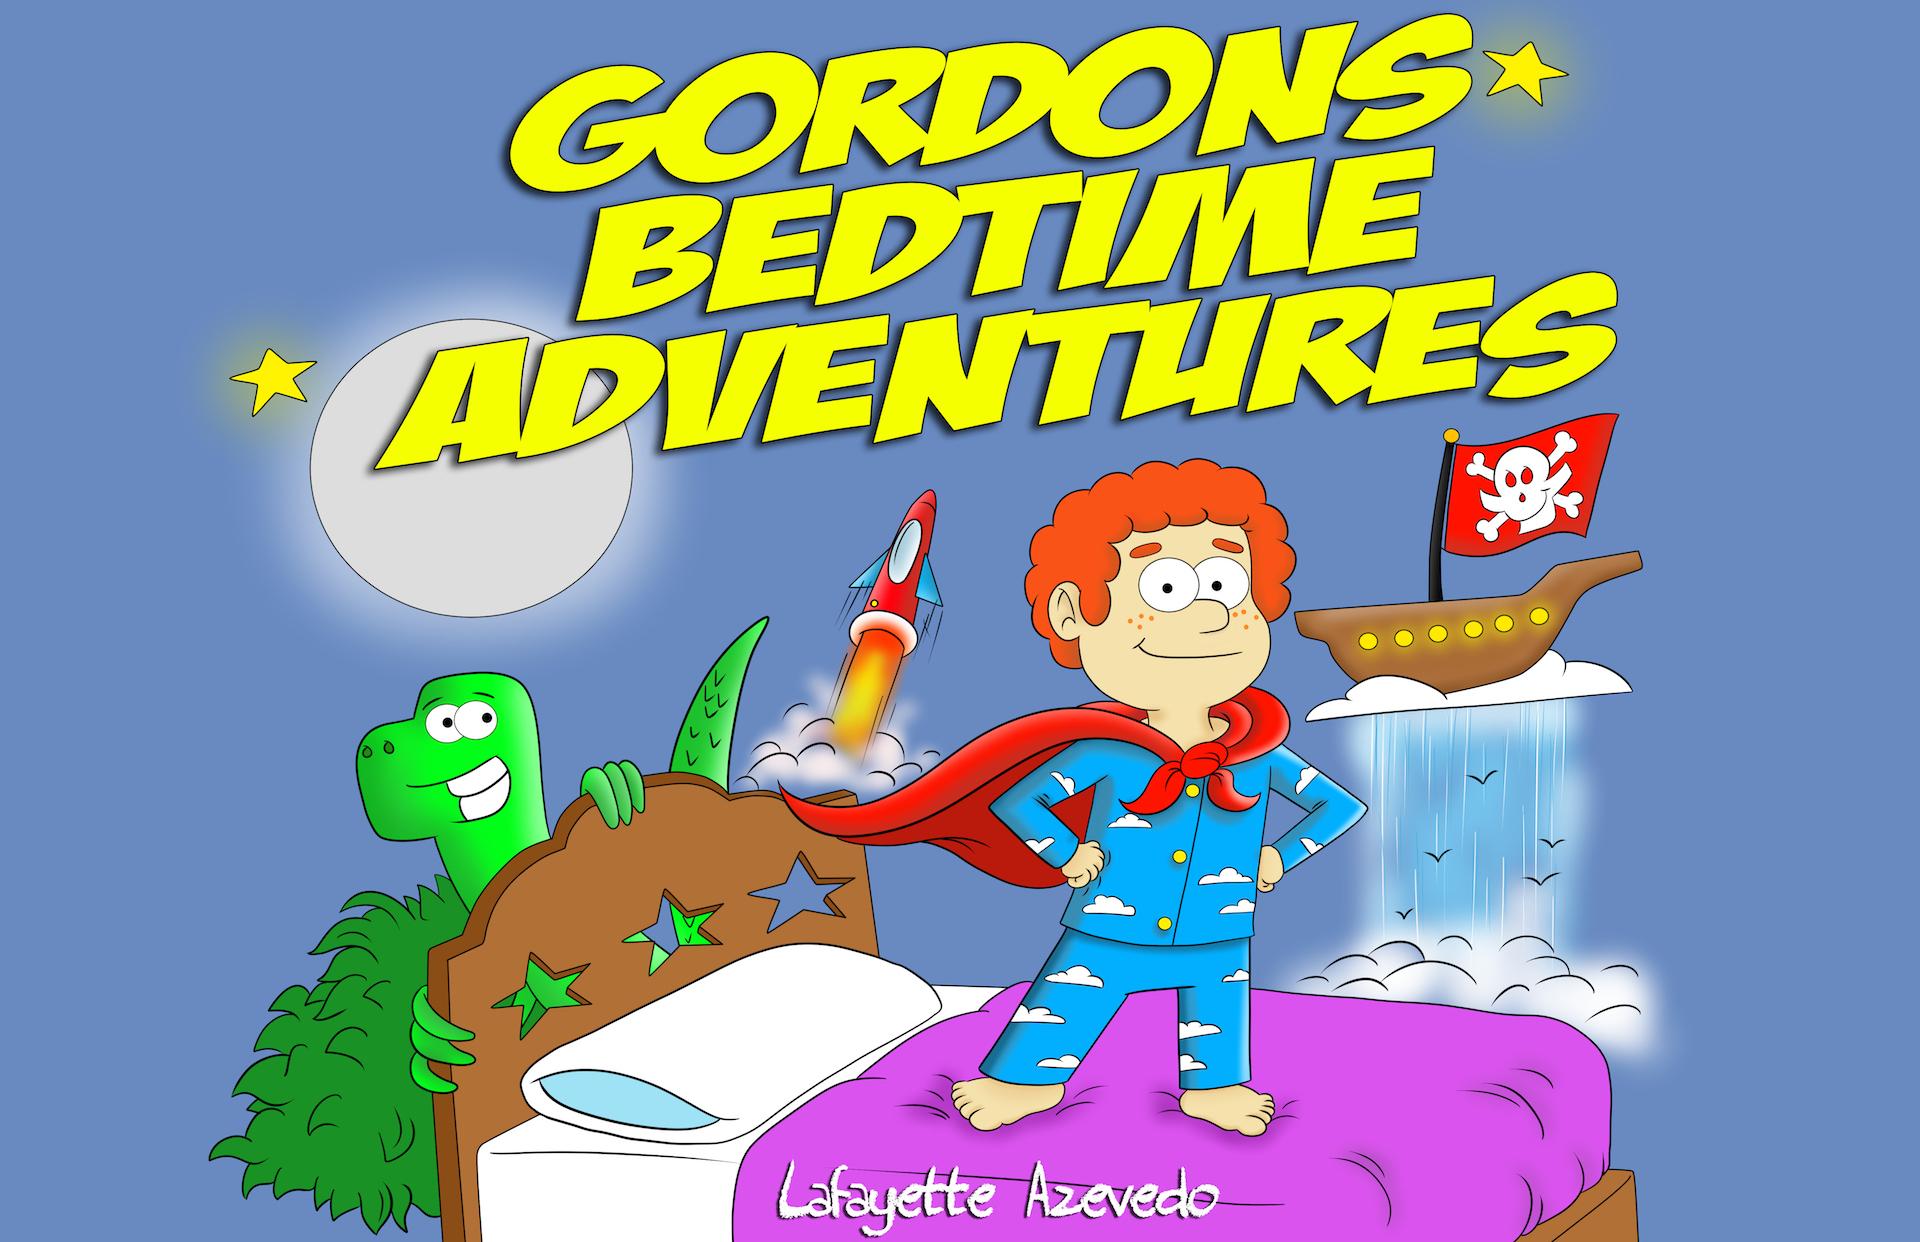 Gordons Bedtime Adventures